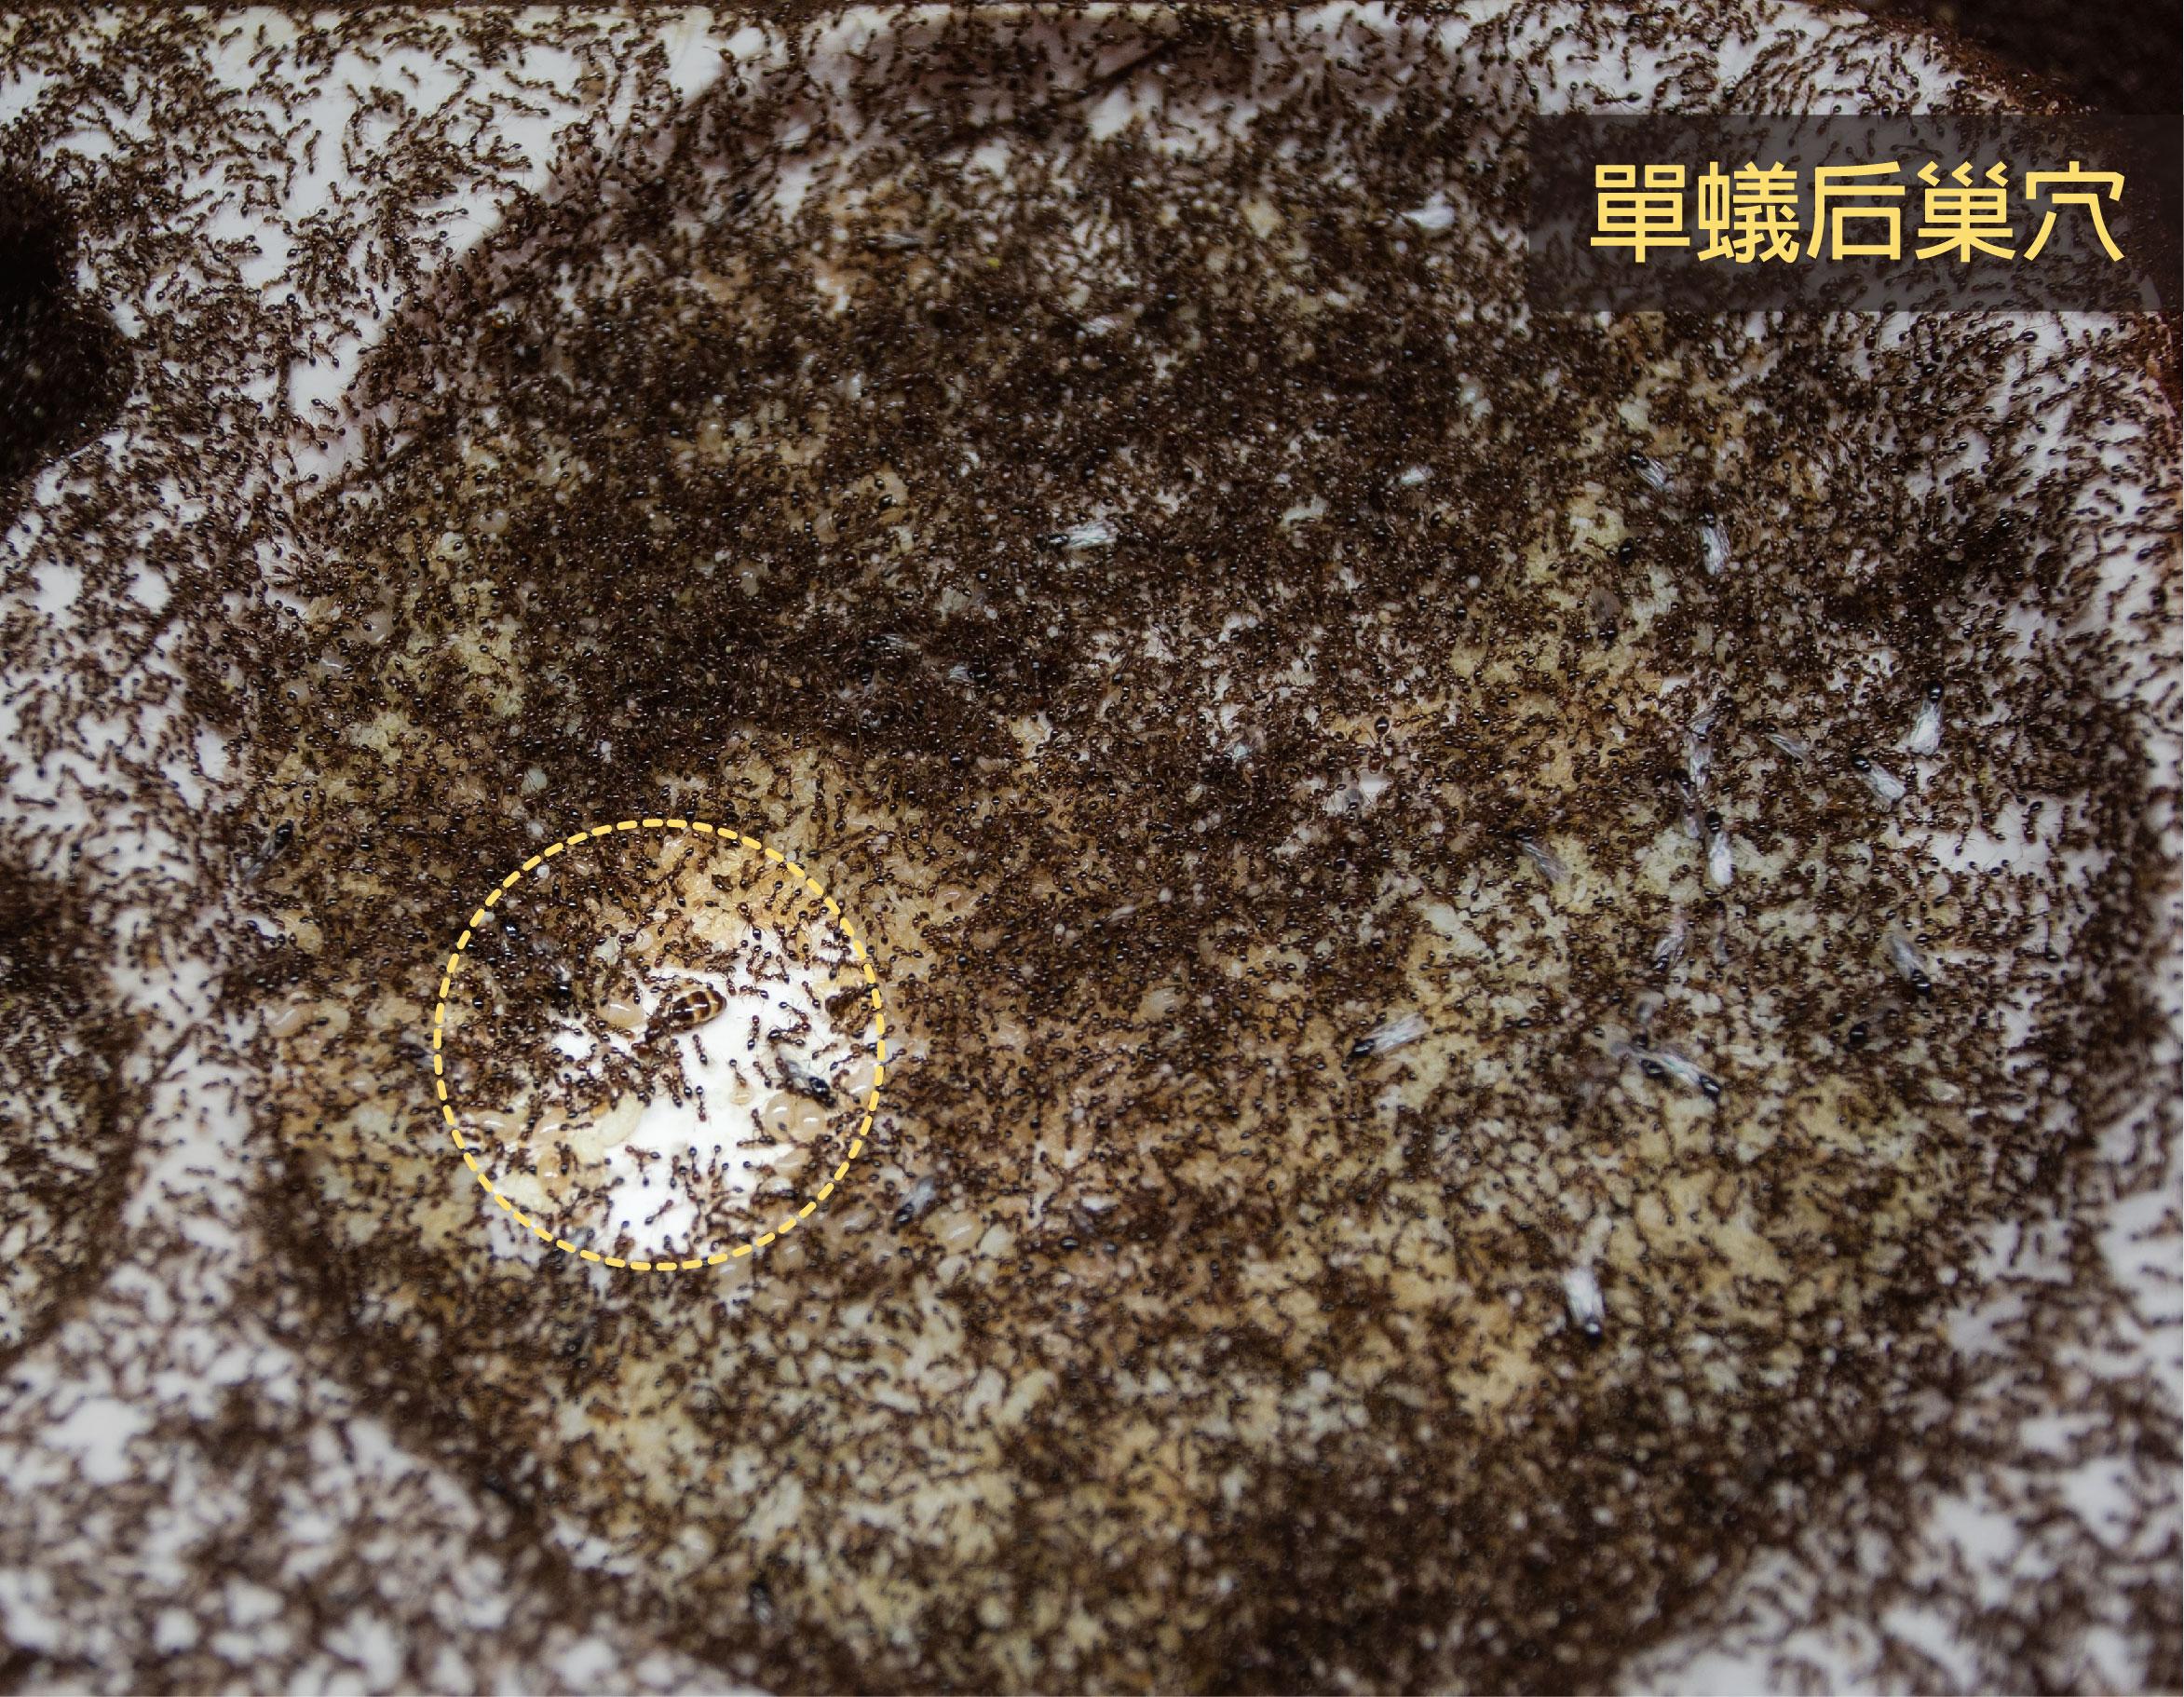 單蟻后巢的蟻后,工蟻會讓出空間,使周圍淨空一圈。圖│研之有物